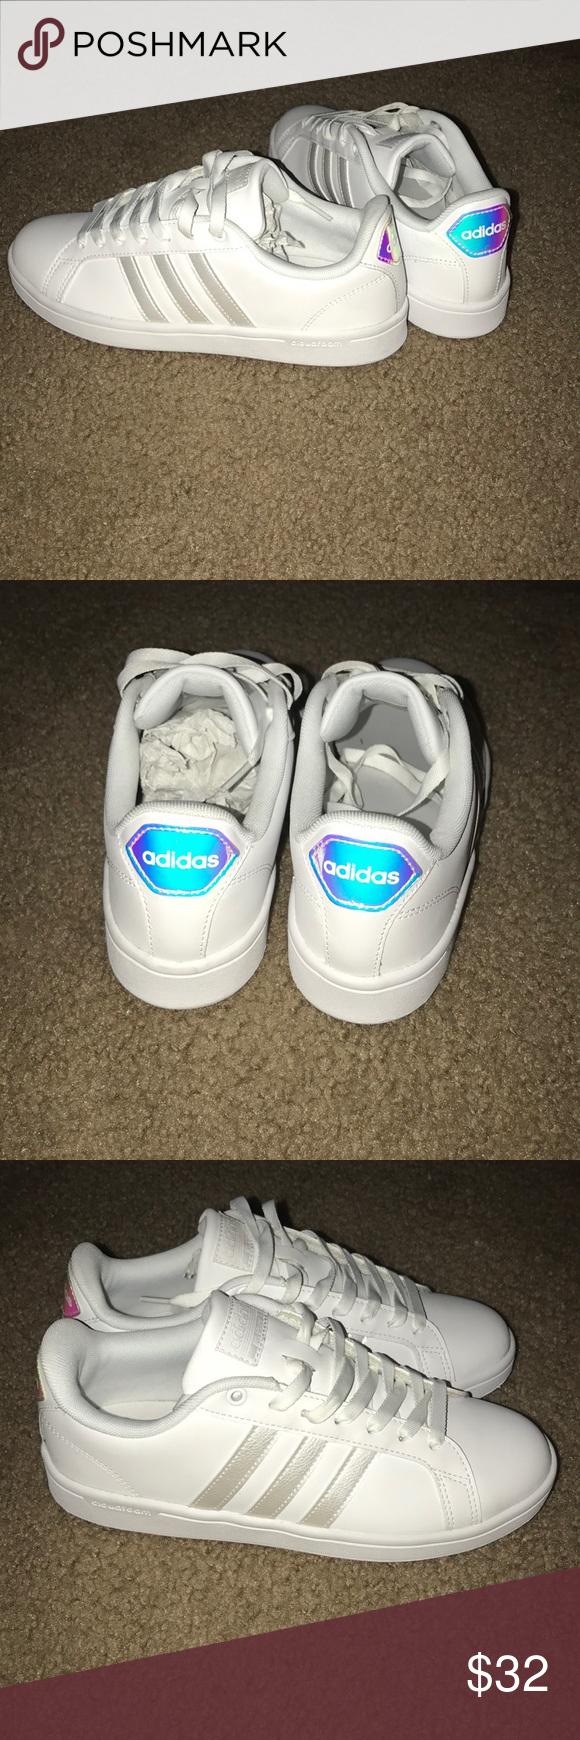 Adidas neo la posh sceglie pinterest adidas iridescenti e